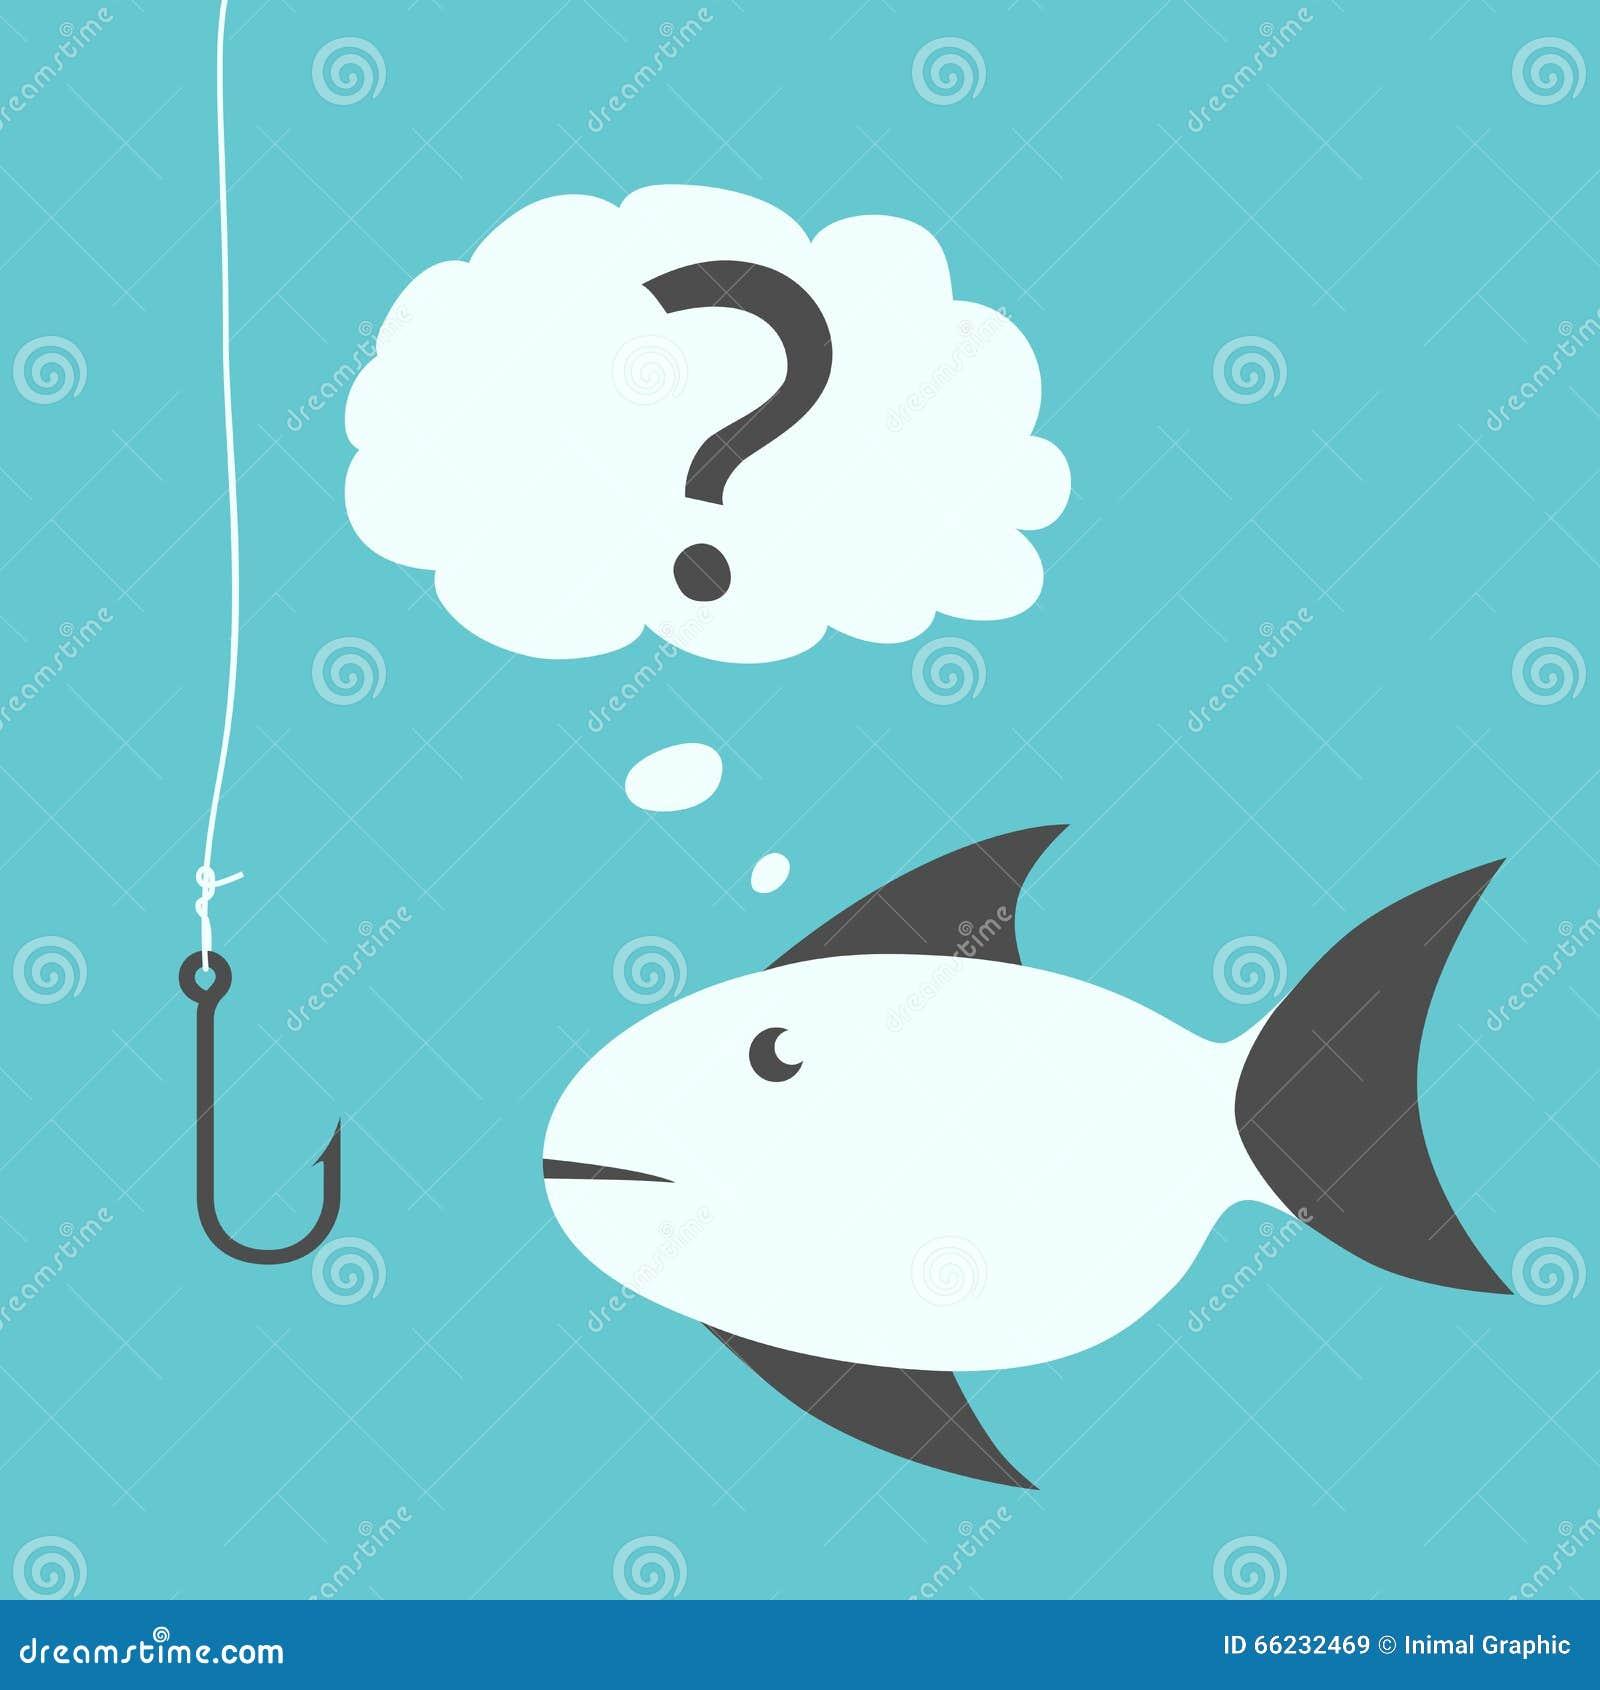 周道的鱼和鱼钩图片